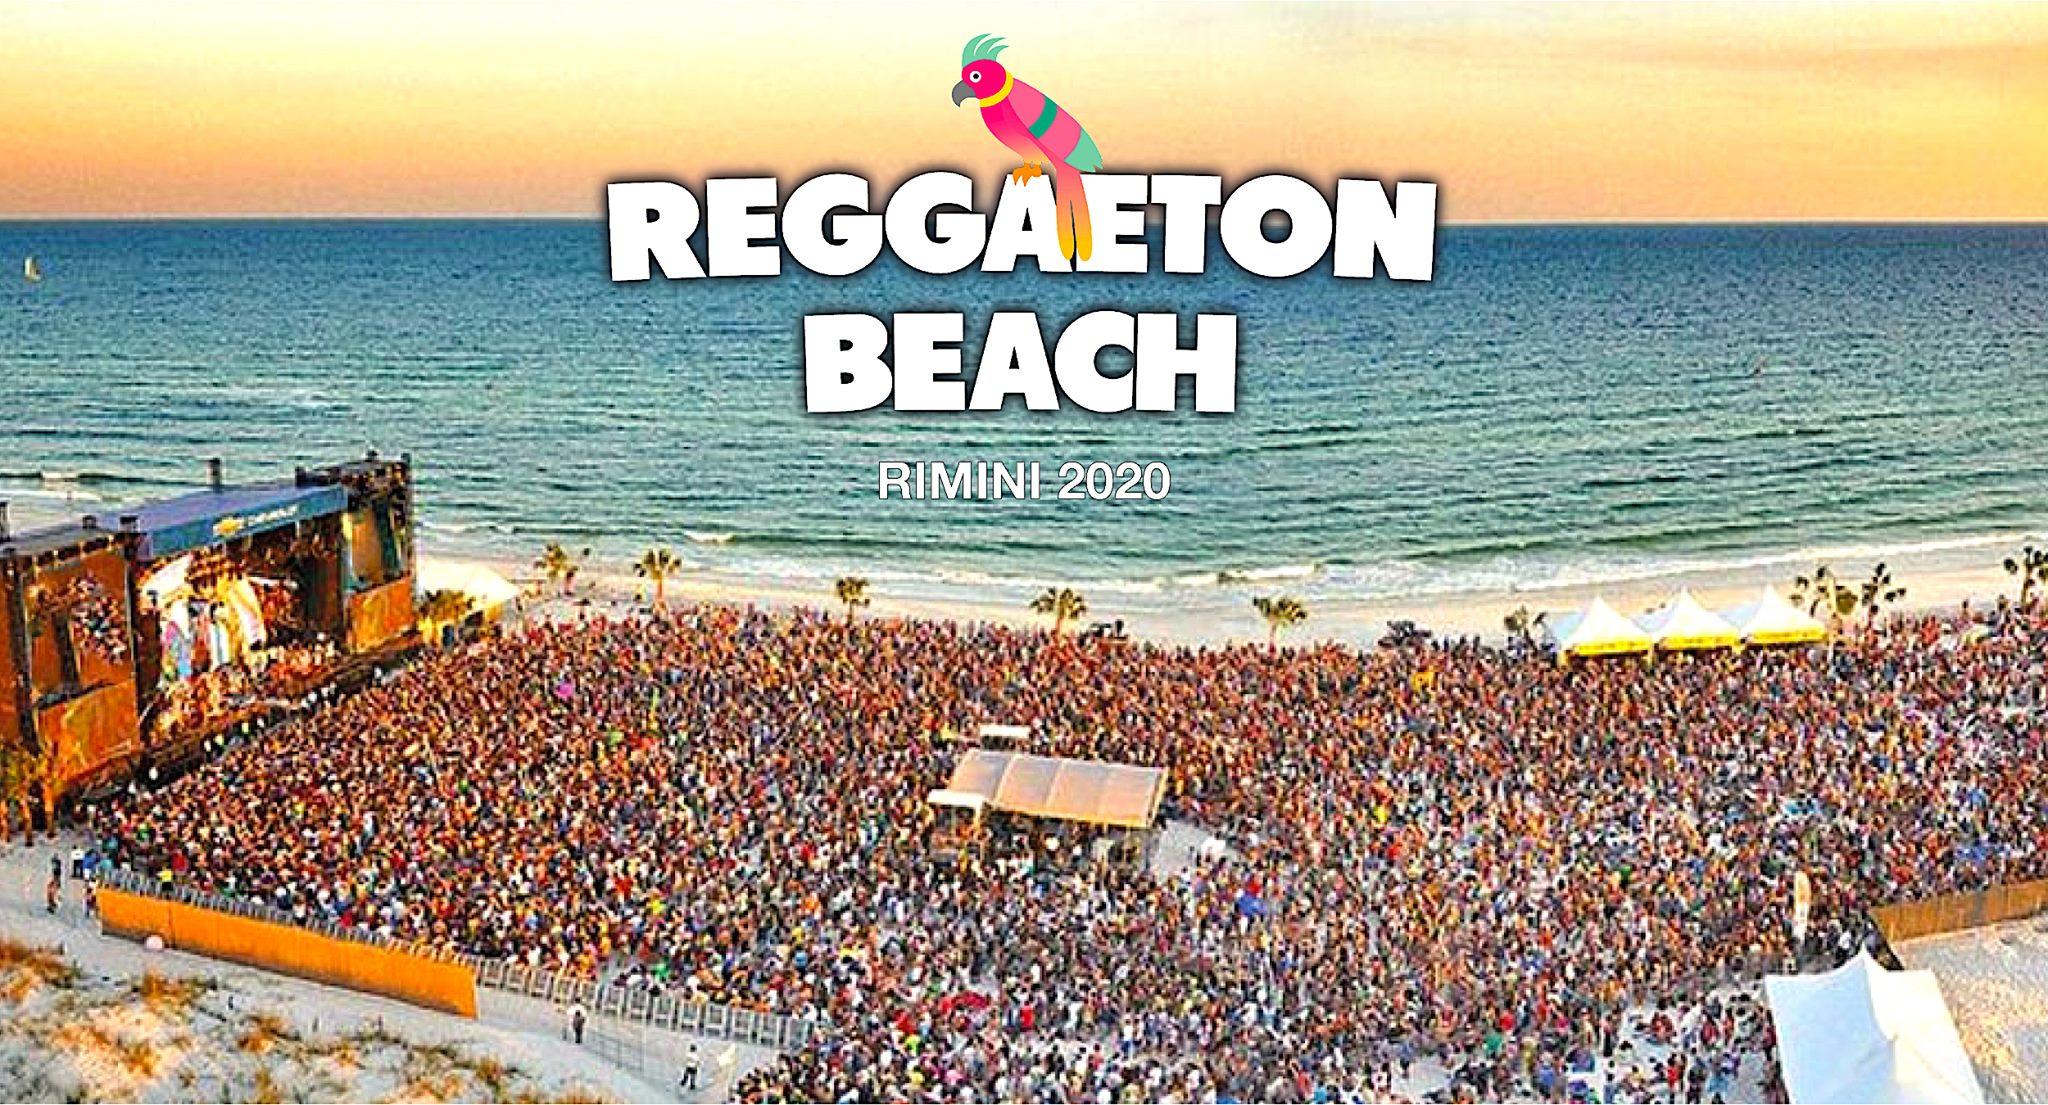 Reggaeton Beach Festival Rimini Beach Arena – 31 07 2020 – Ticket -Biglietti 18app – Pacchetti Hotel [ evento non confermato ]